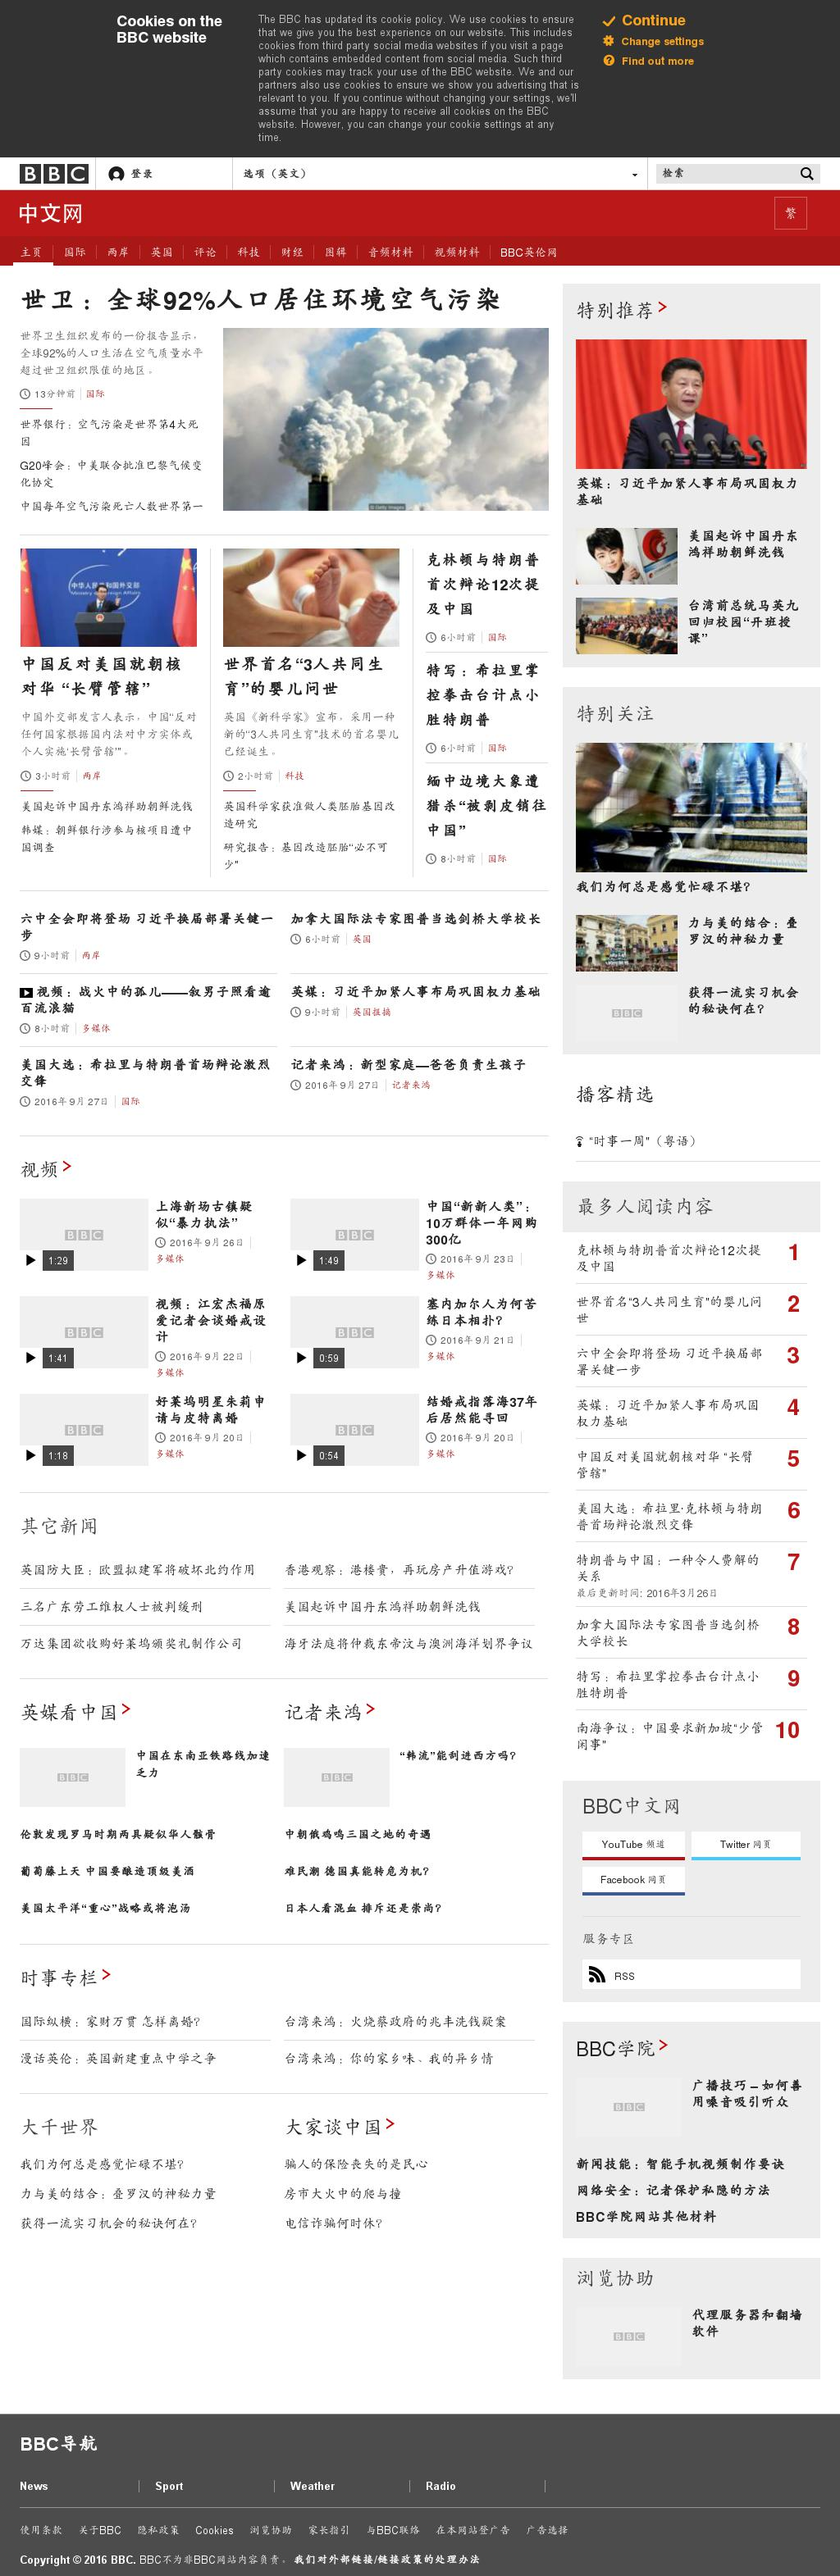 BBC (Chinese) at Tuesday Sept. 27, 2016, 9 p.m. UTC